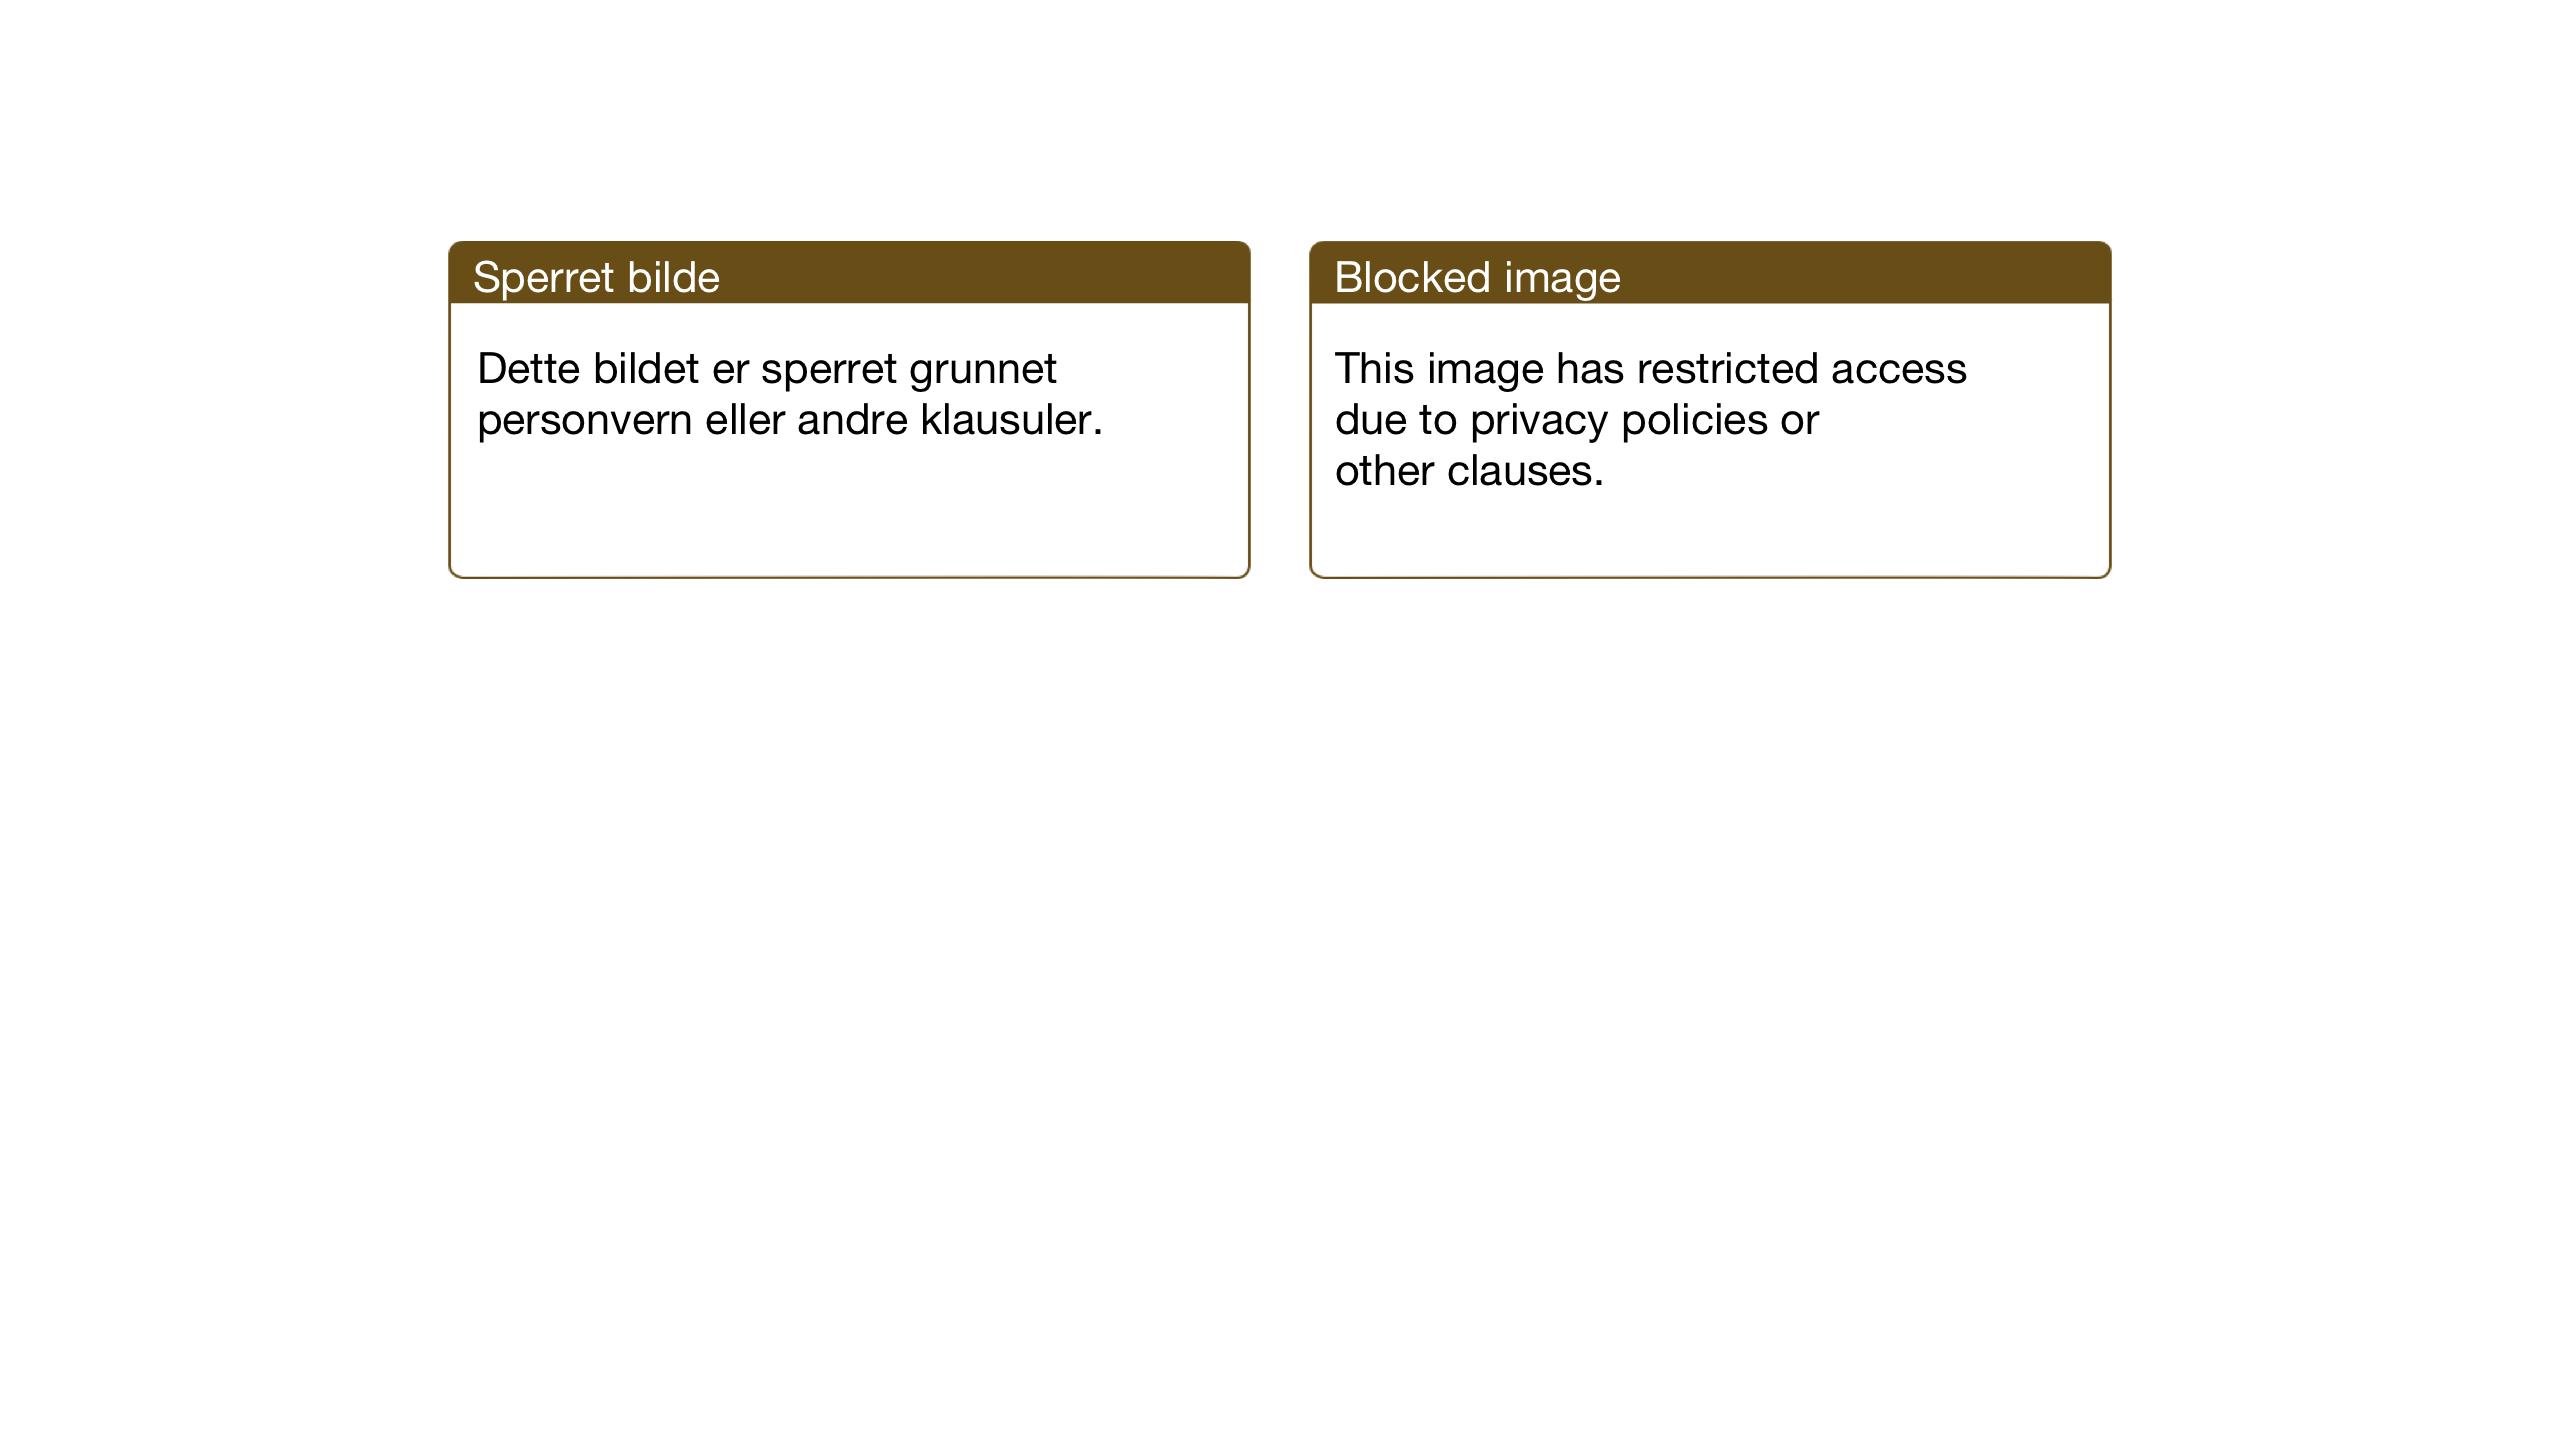 SAT, Ministerialprotokoller, klokkerbøker og fødselsregistre - Sør-Trøndelag, 602/L0148: Klokkerbok nr. 602C16, 1919-1939, s. 61